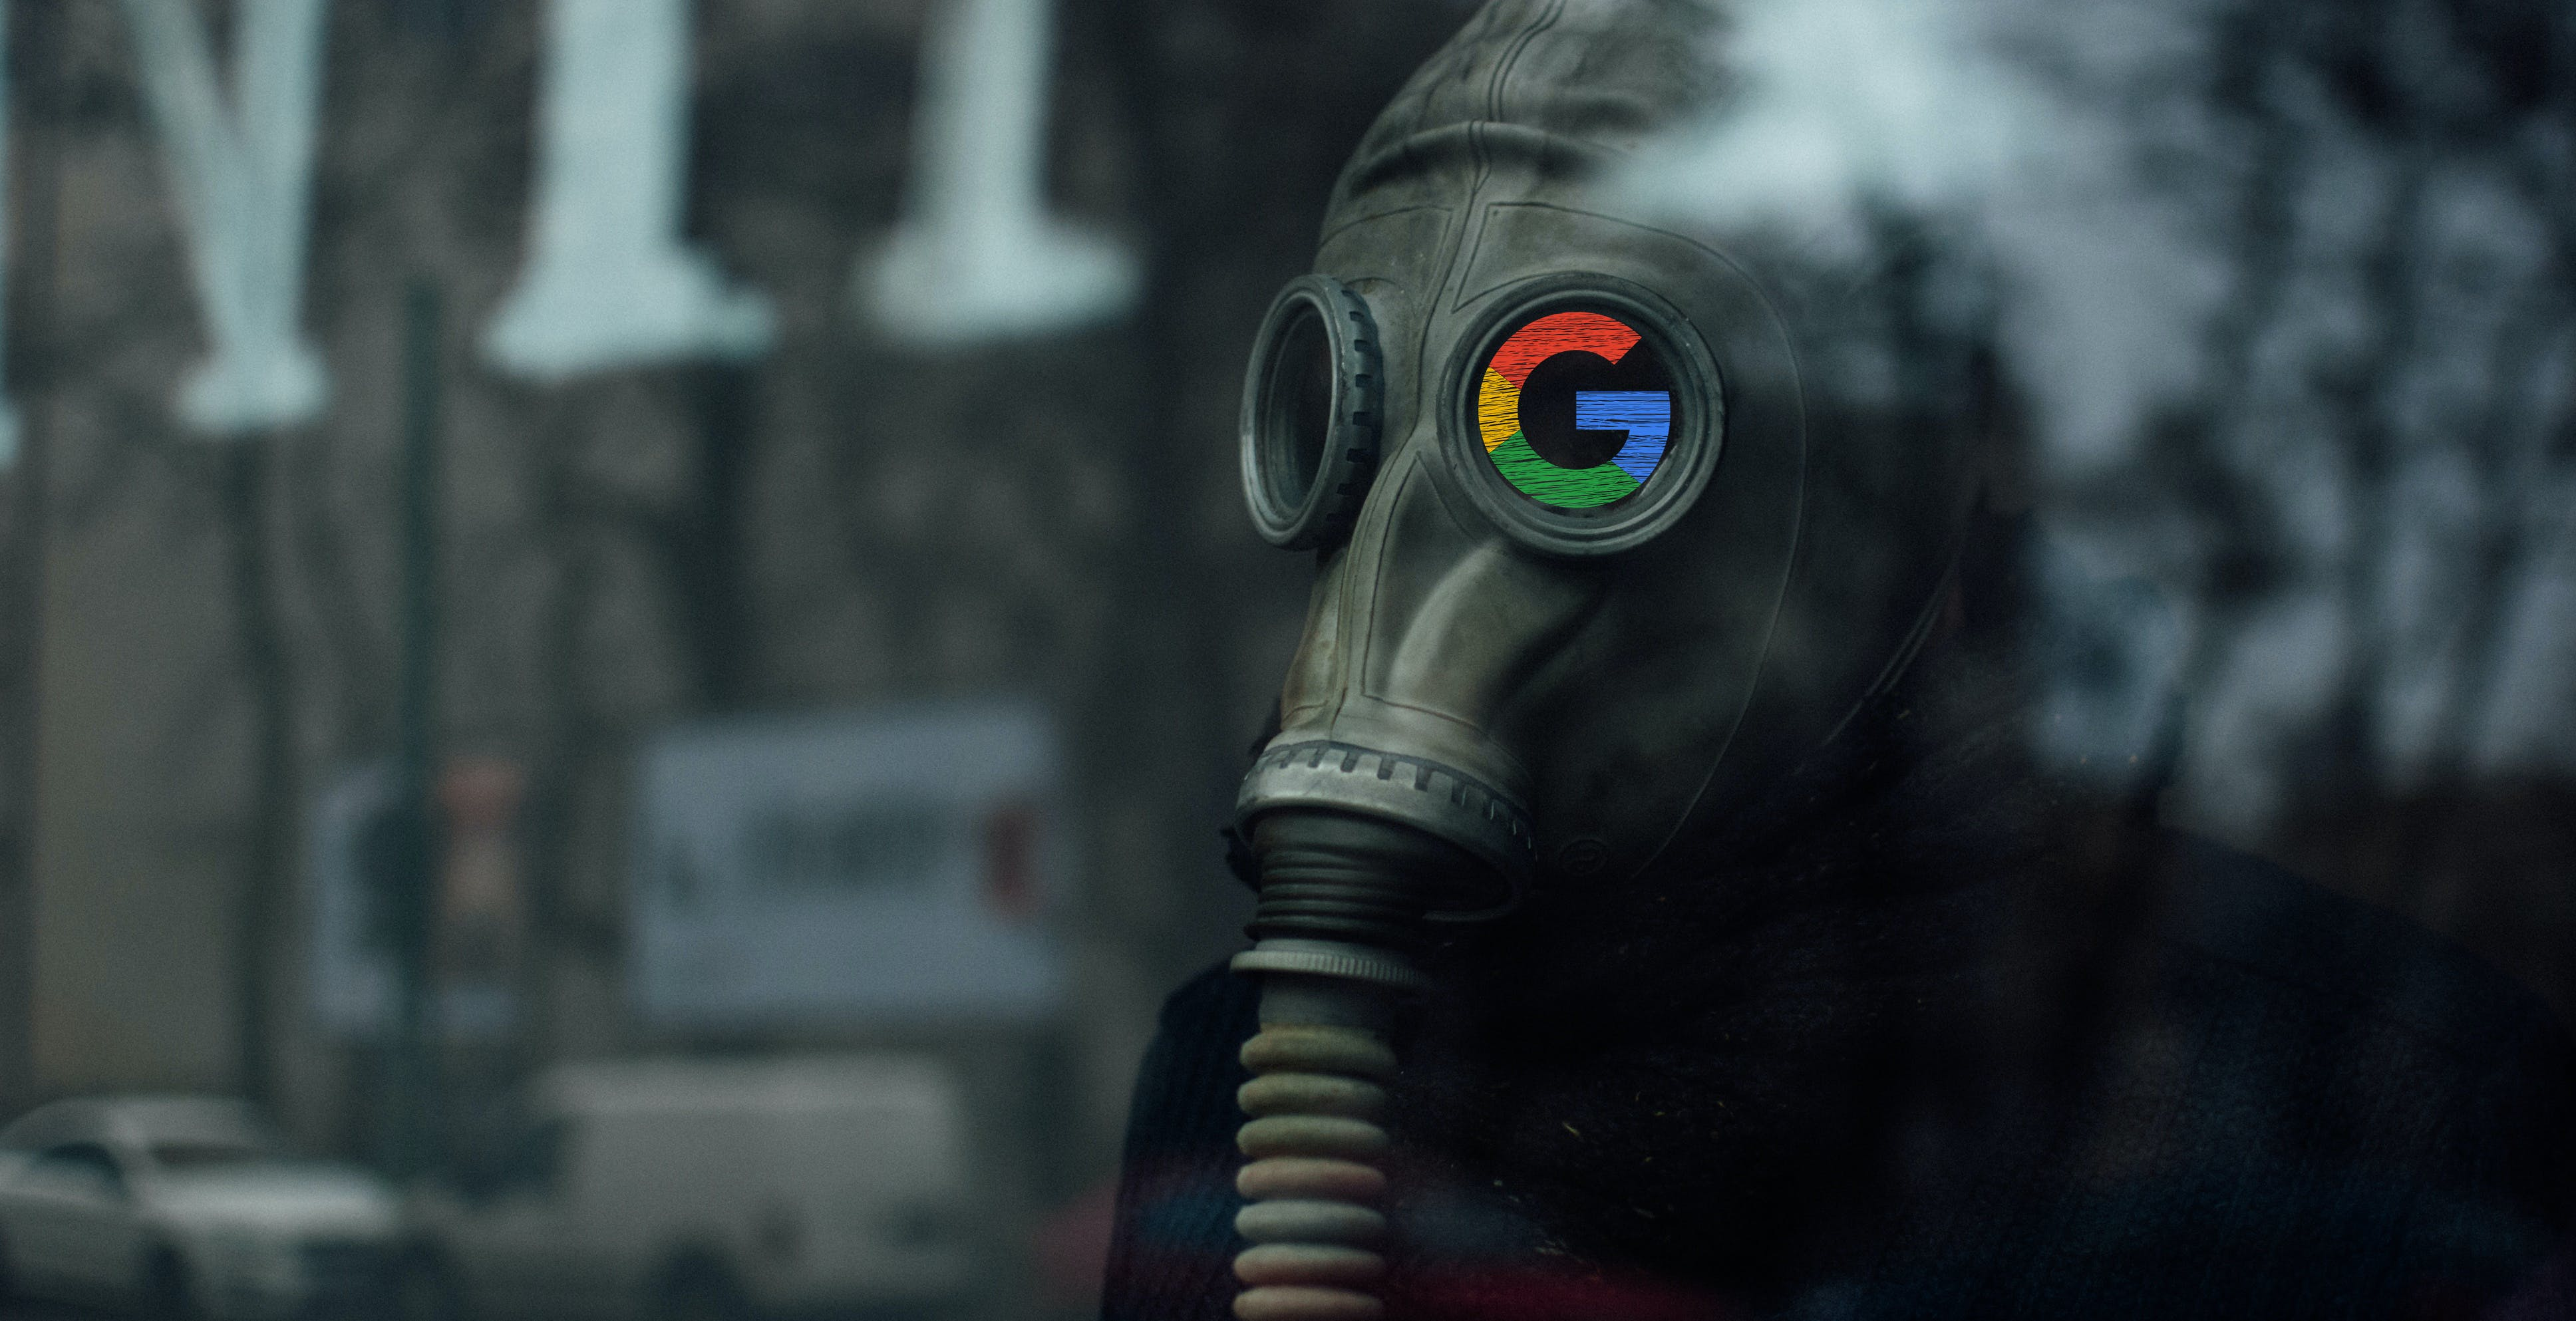 HarmonyOS arriva in aprile. Google è il perdente che nessuno aveva considerato?